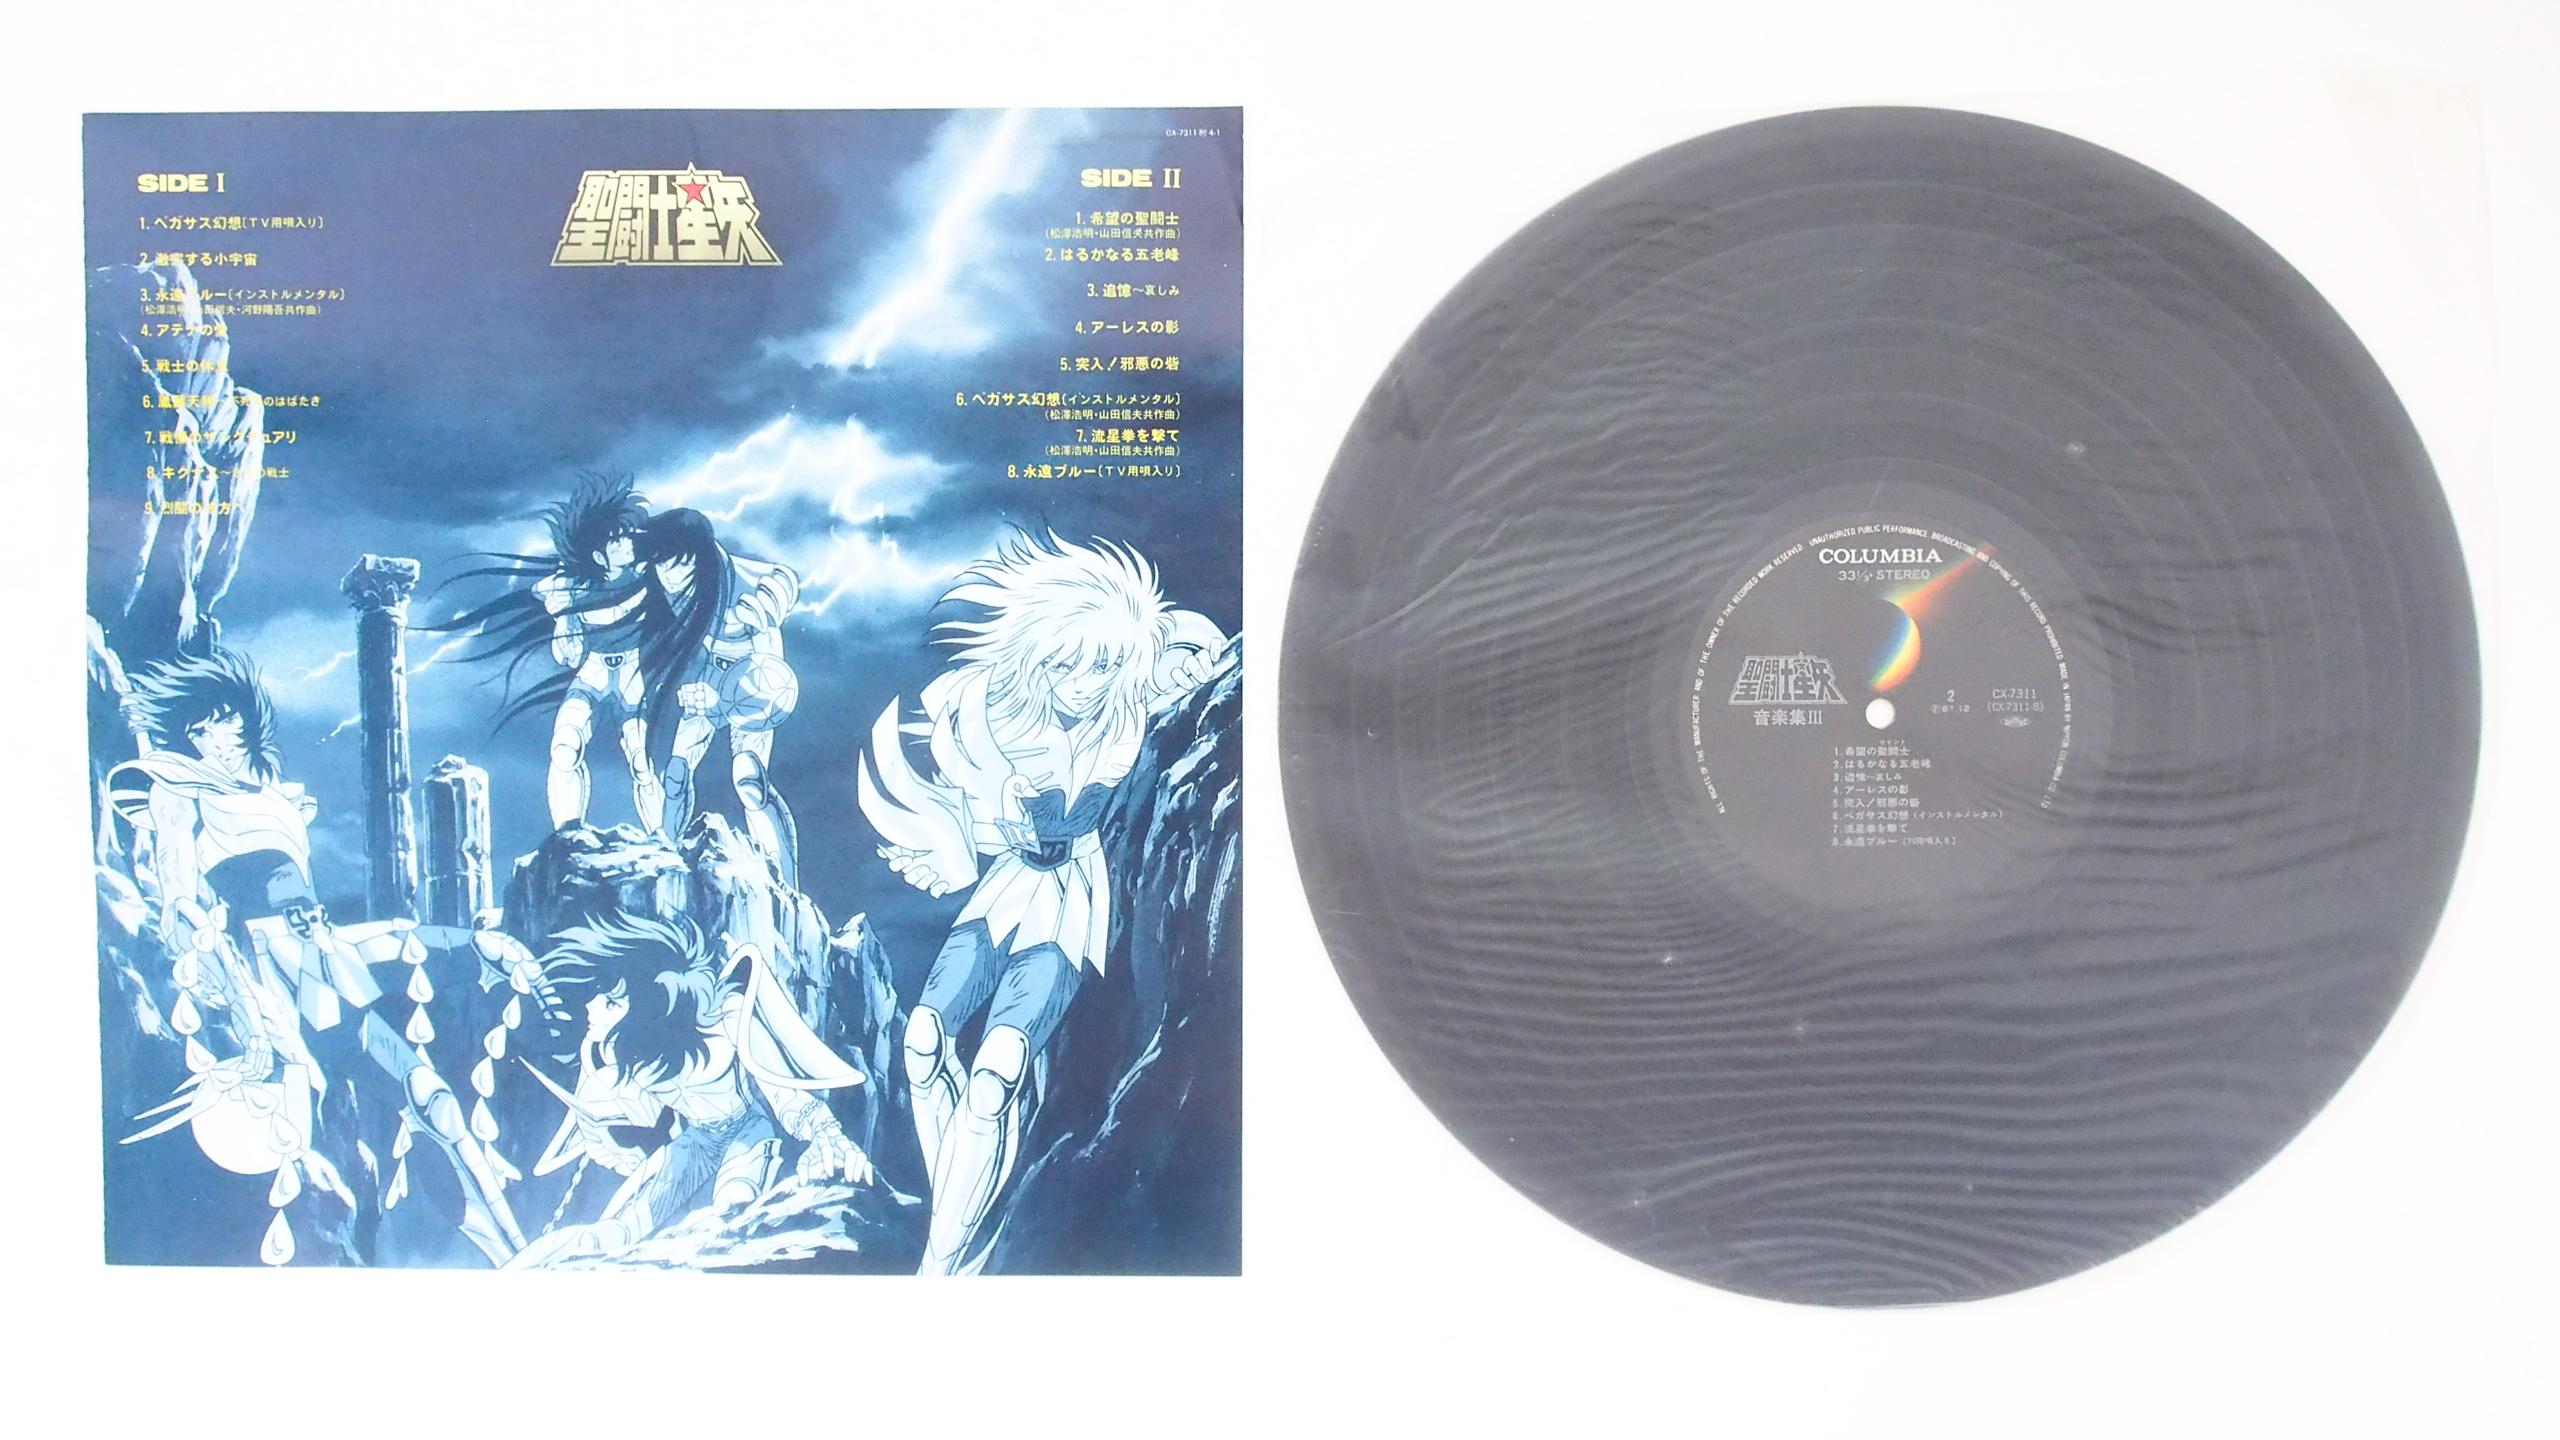 聖闘士星矢 音楽集III 帯付きの盤とブックレット